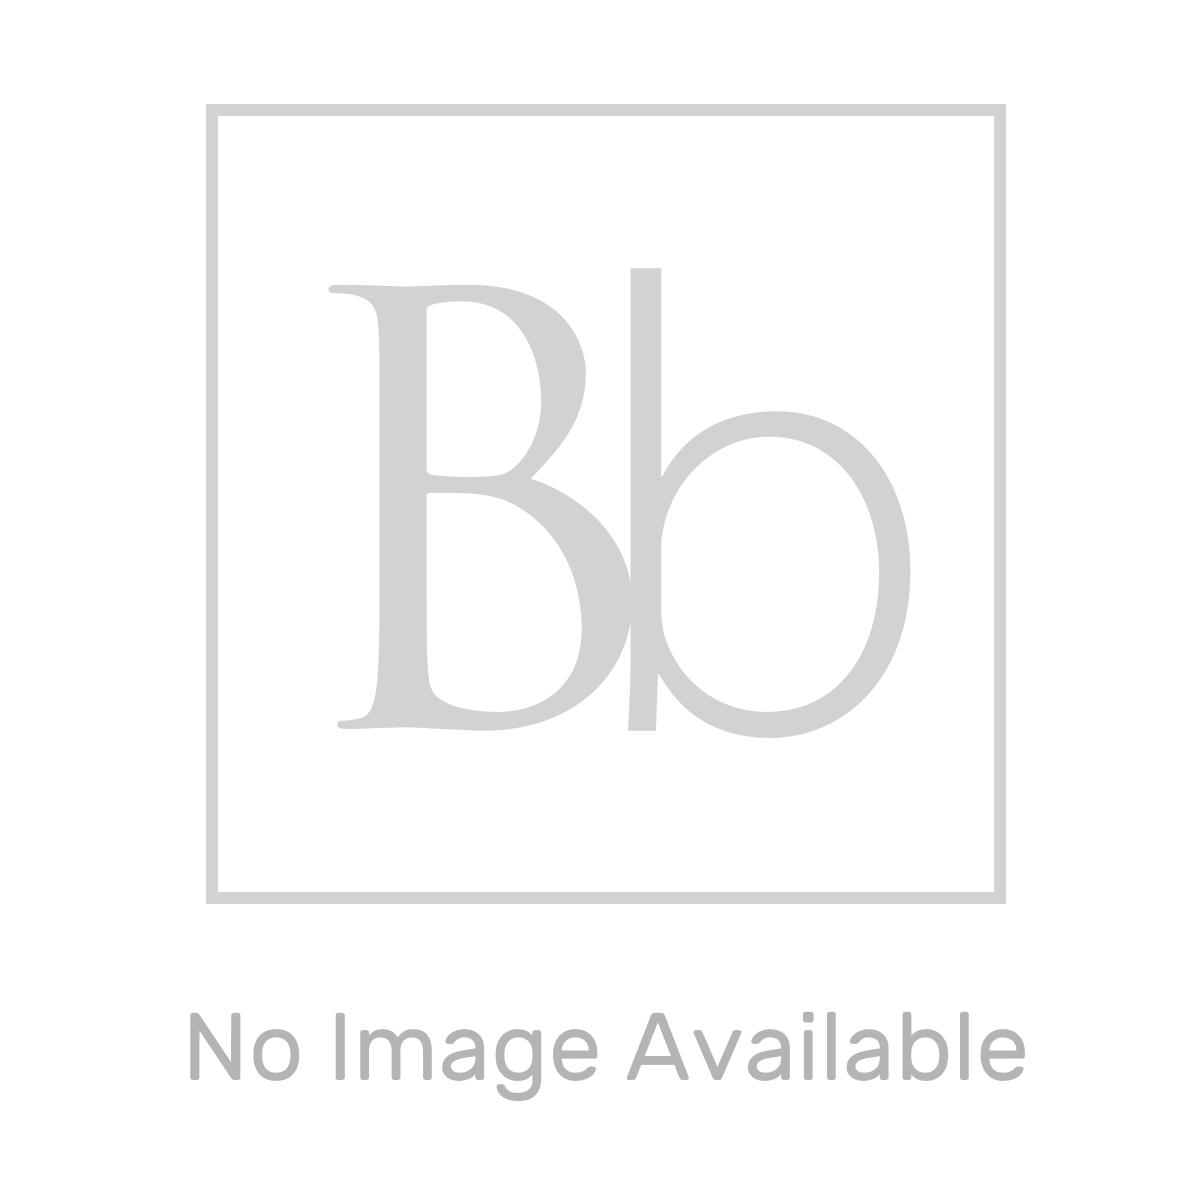 Stainless Steel Double Door Bathroom Cabinet